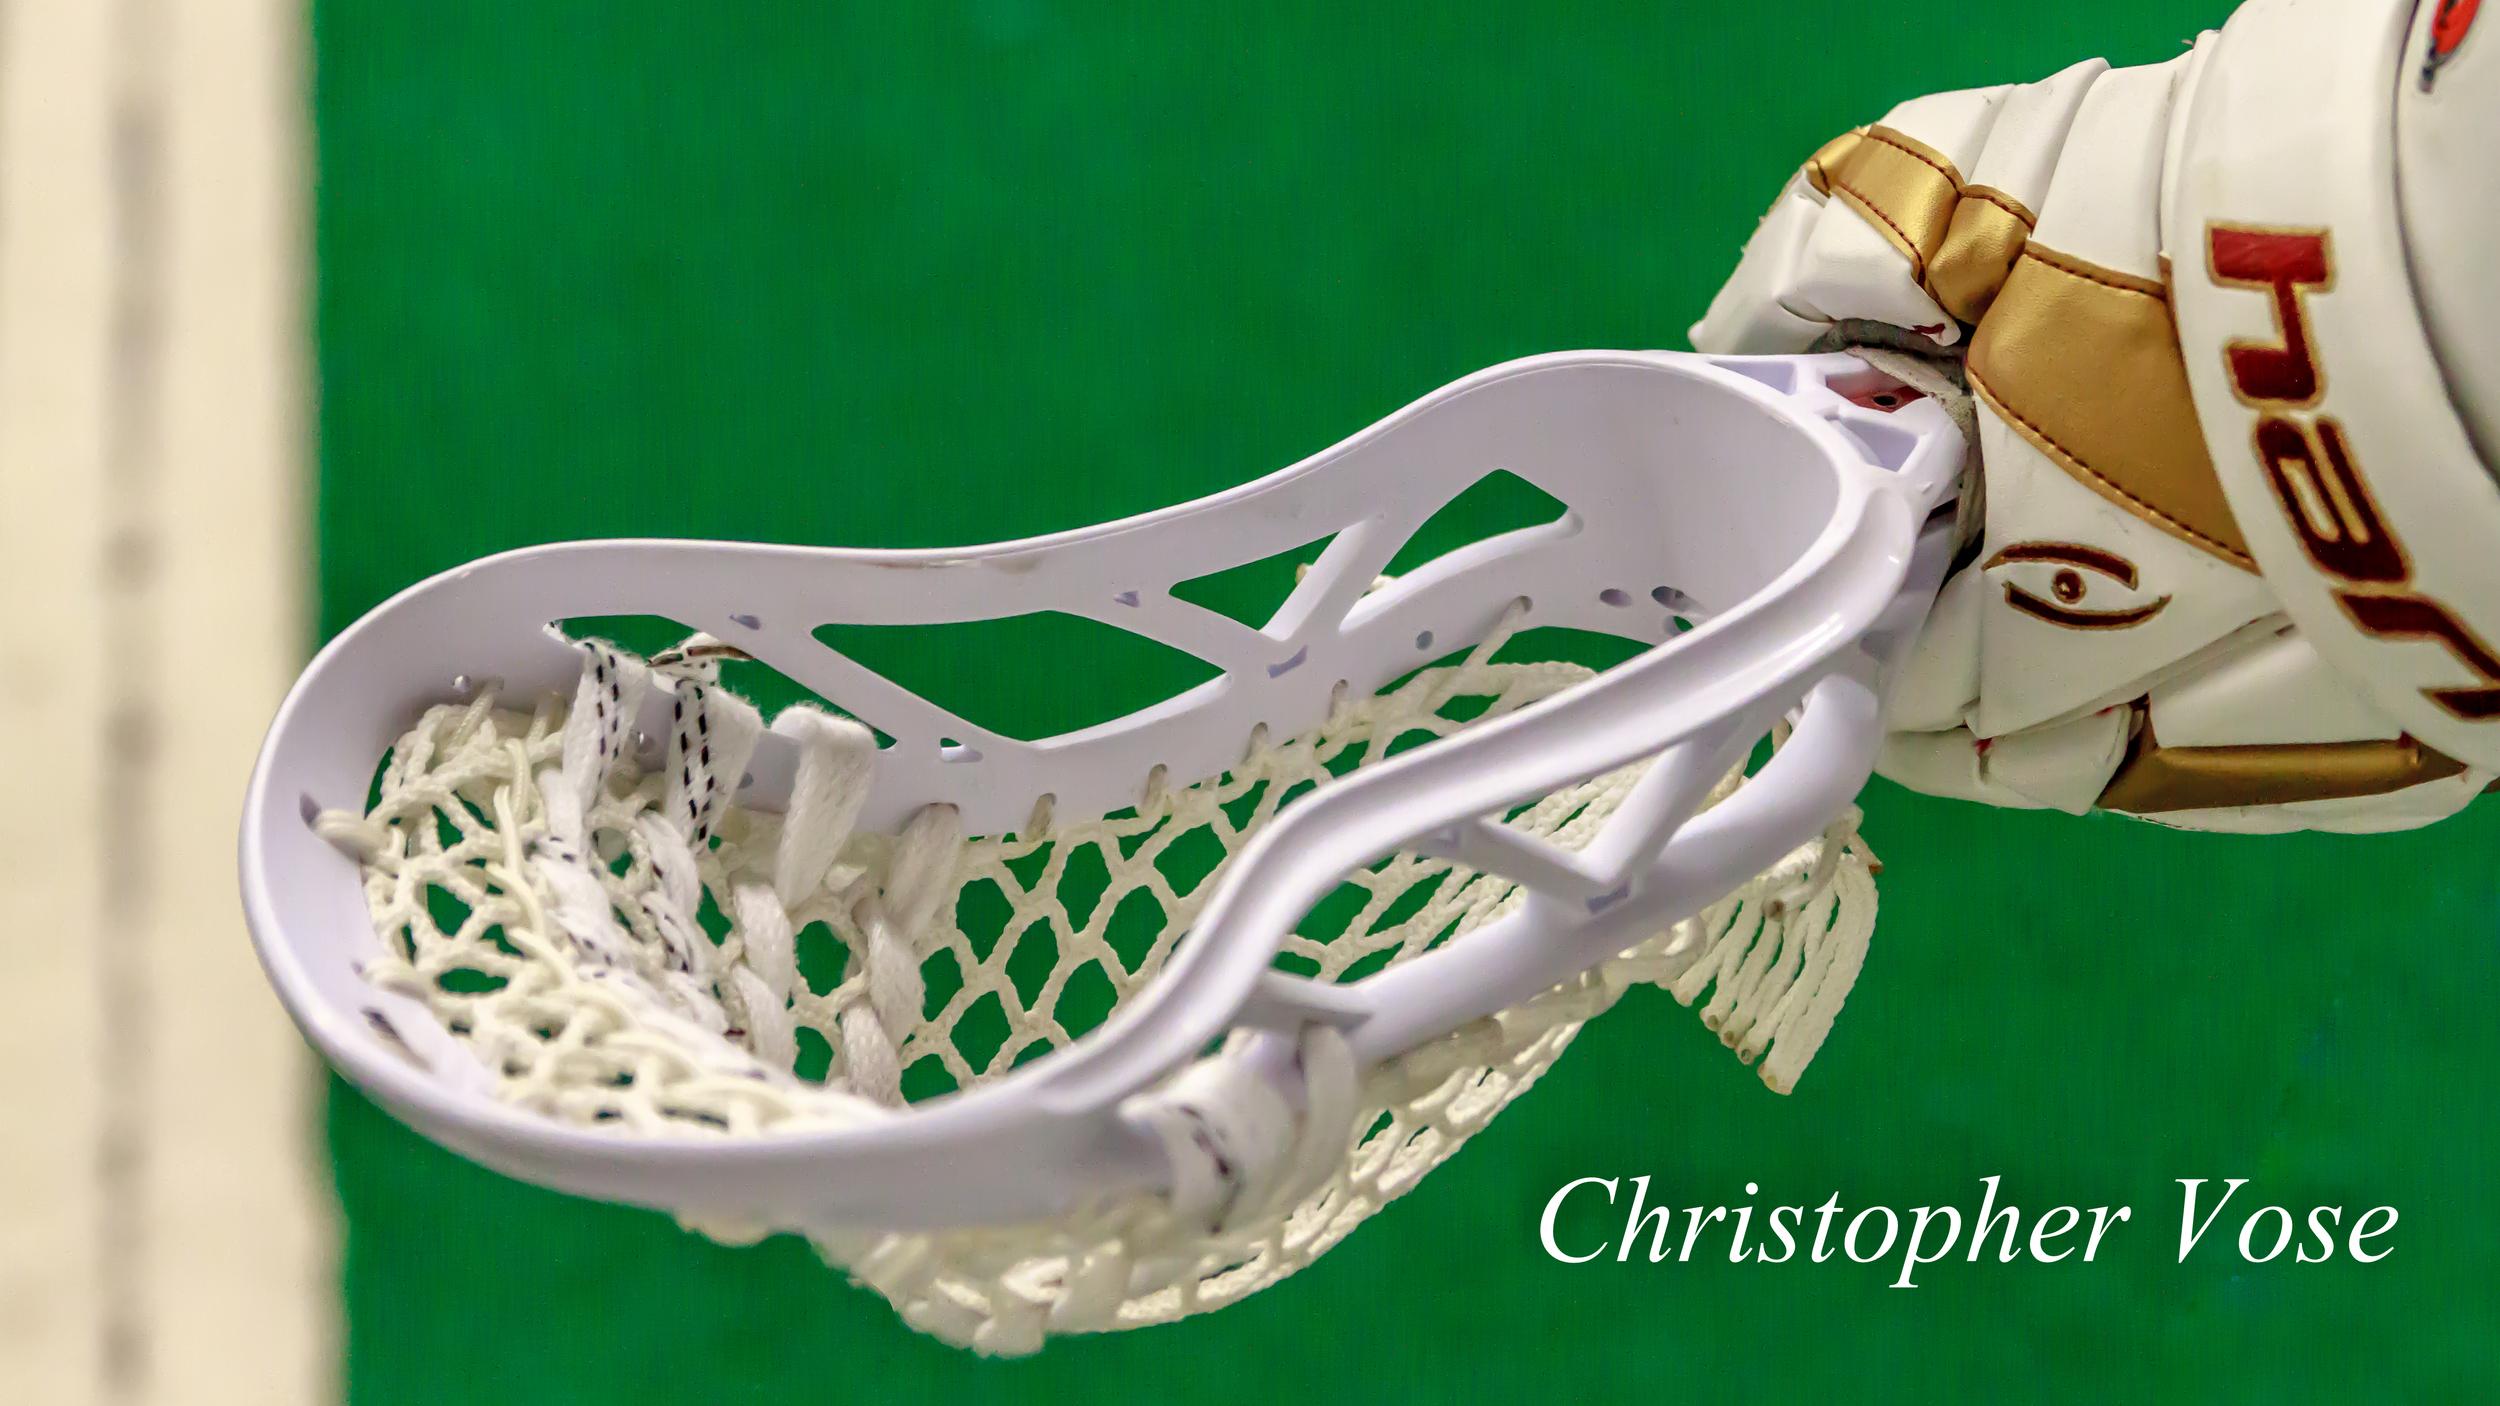 2013-12-22 Lacrosse Stick.jpg